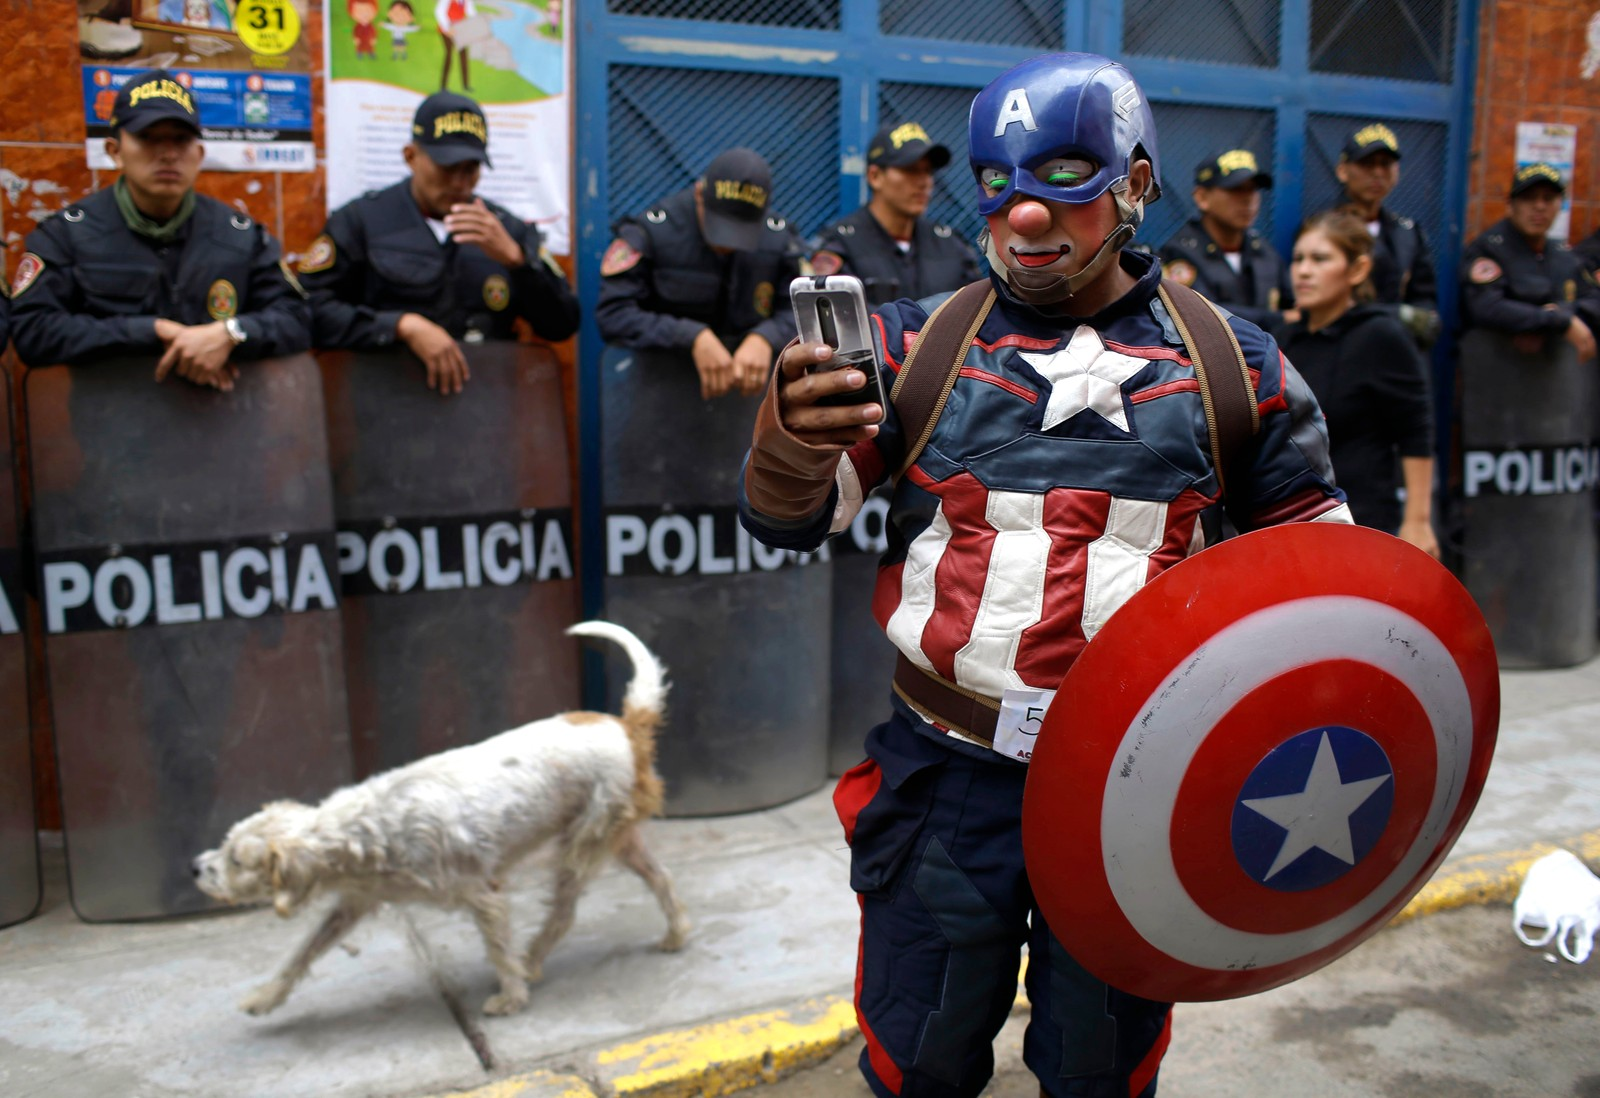 En klovn utkledd som Captain America under feiringen av klovnedagen i Lima i Peru. Dagen brukes til å minnes klovnen Tony Perejil. Han var kjent som de fattiges klovn fordi han pleide å opptre i fattige områder for så gi deler av inntjeningen tilbake til innbyggerne. Han døde 25 mai i 1987.